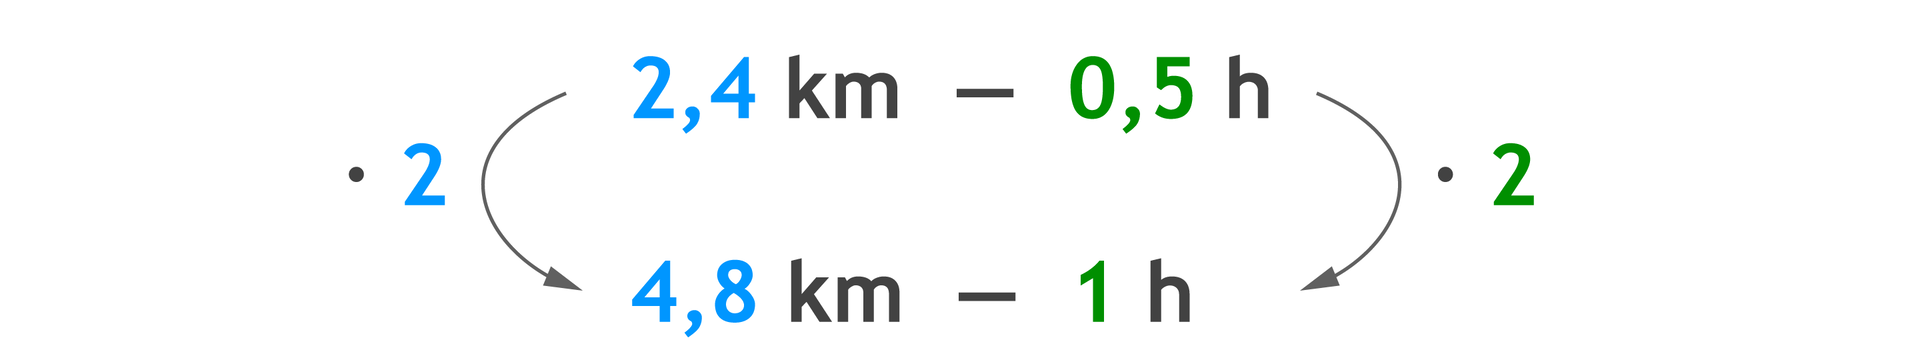 Zapis proporcji: 2,4 km – 0,5 hiponiżej 4,8 km – 1 h. 2,4 razy 2 =4,8 km i0,5 hrazy 2 =1 h.